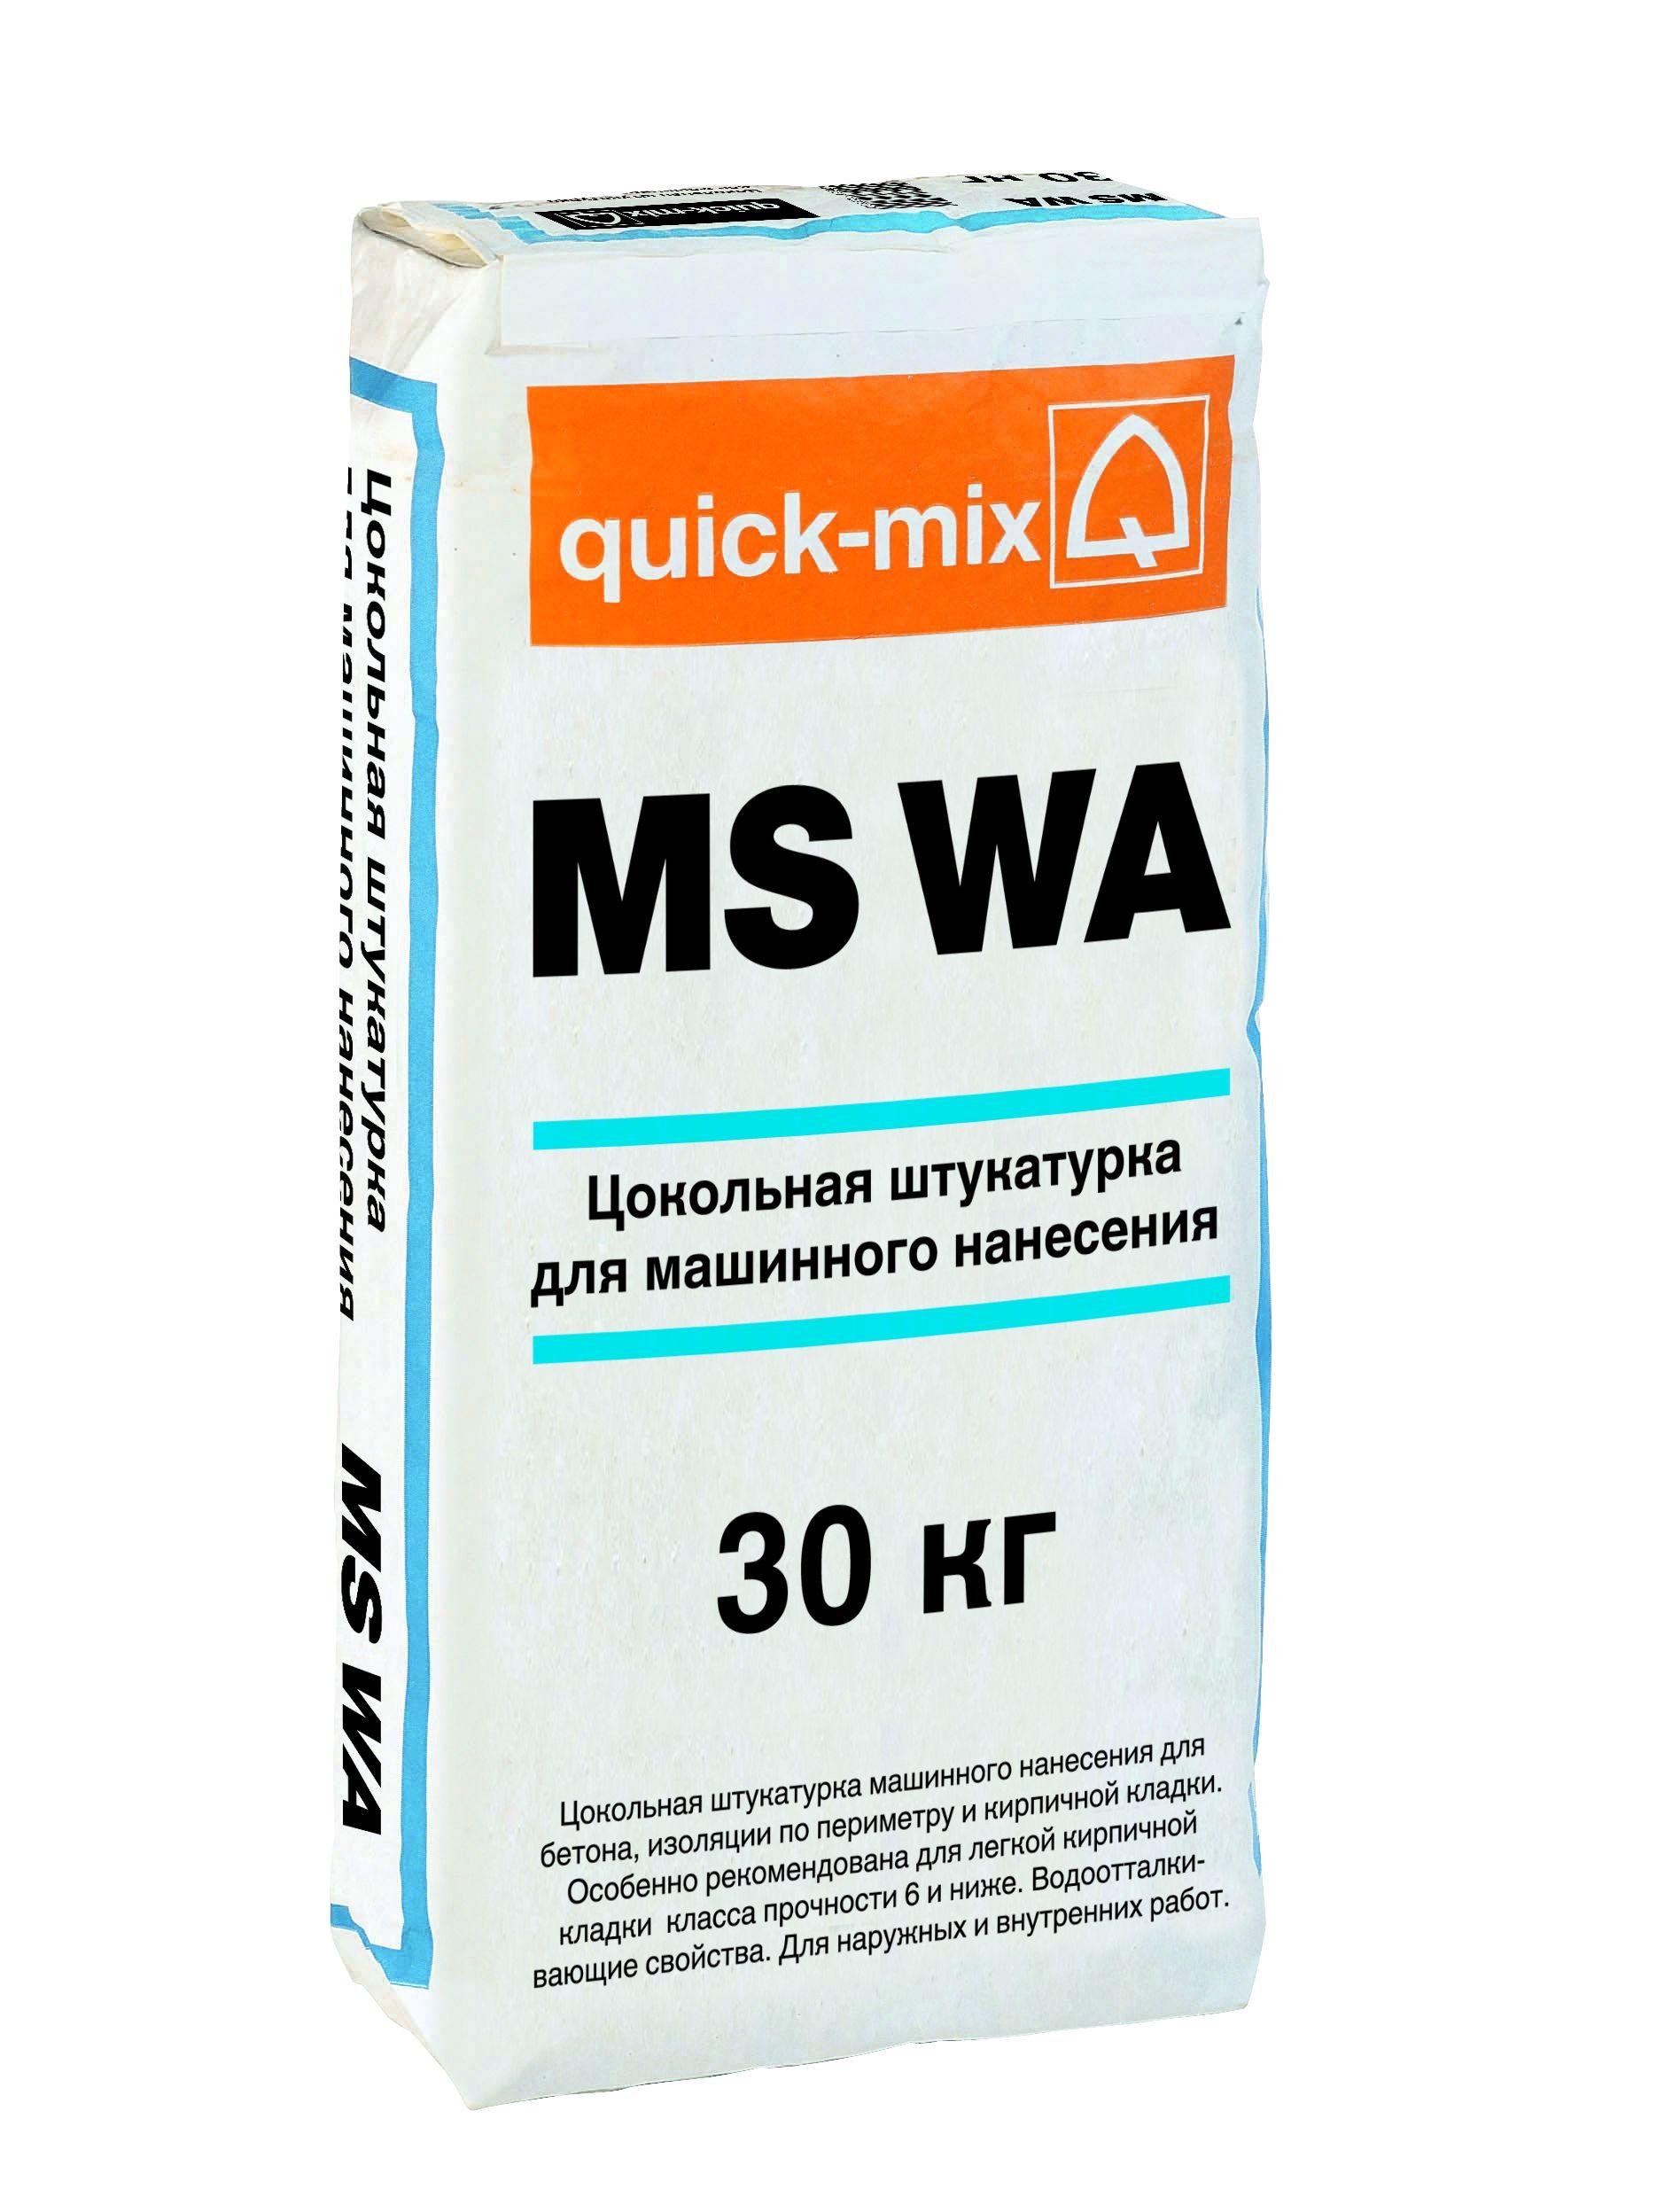 MS WA